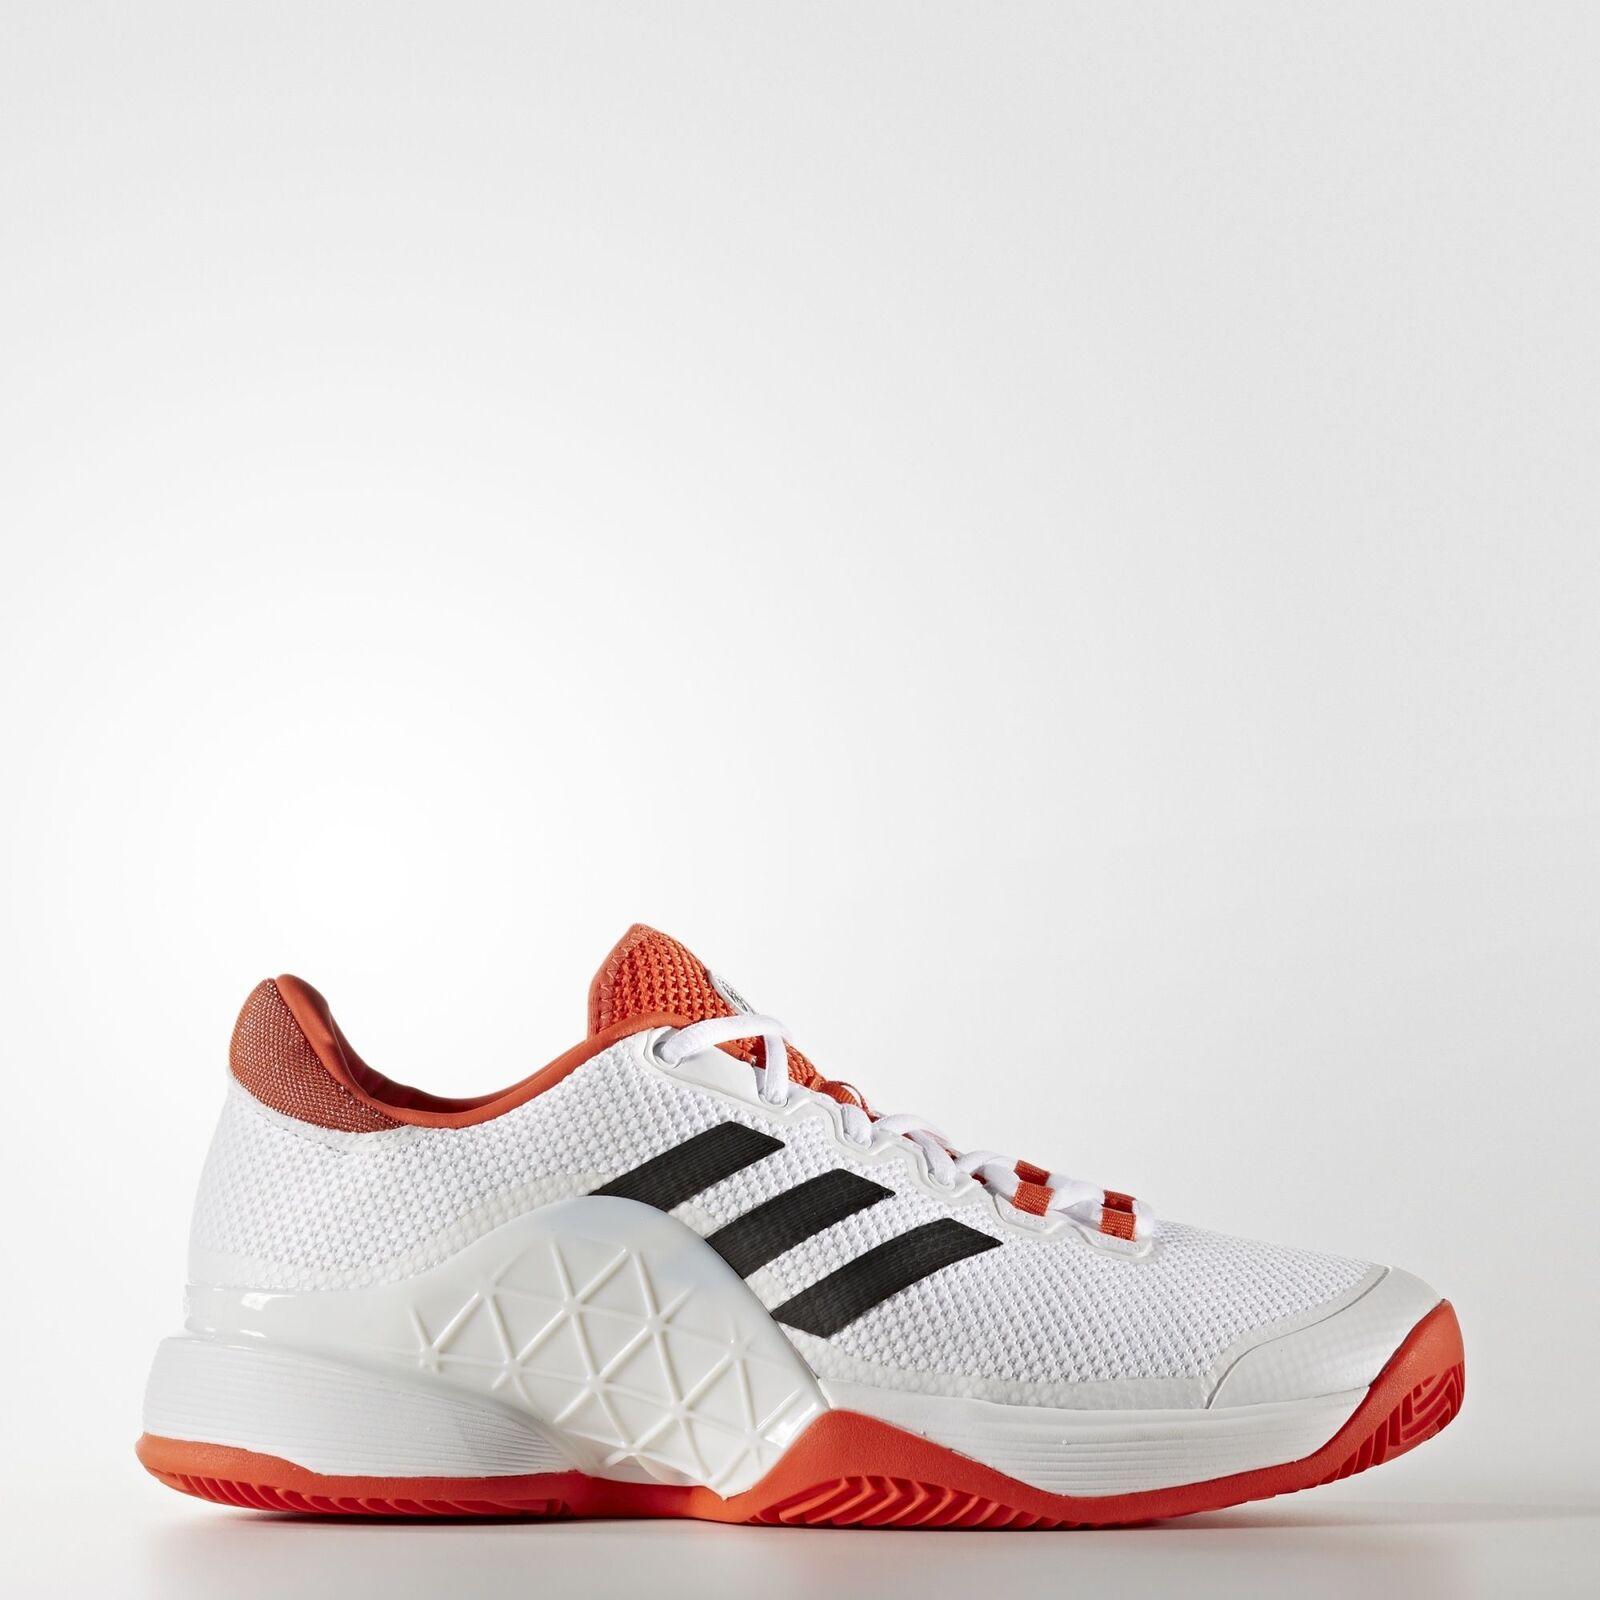 Adidas Roland Garros Barricade 2017 Clay Court Tennis shoes Sz 13.5 Novak White